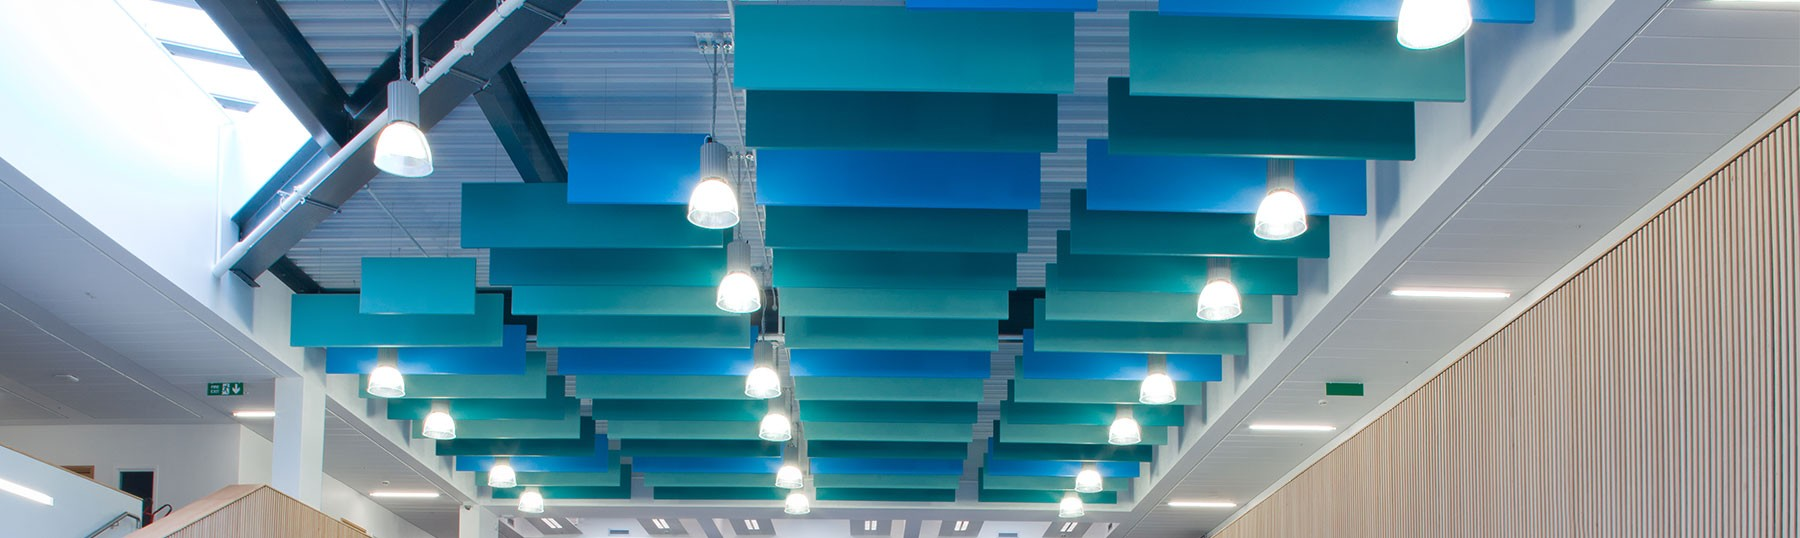 Soft Fiber Ceiling Tiles